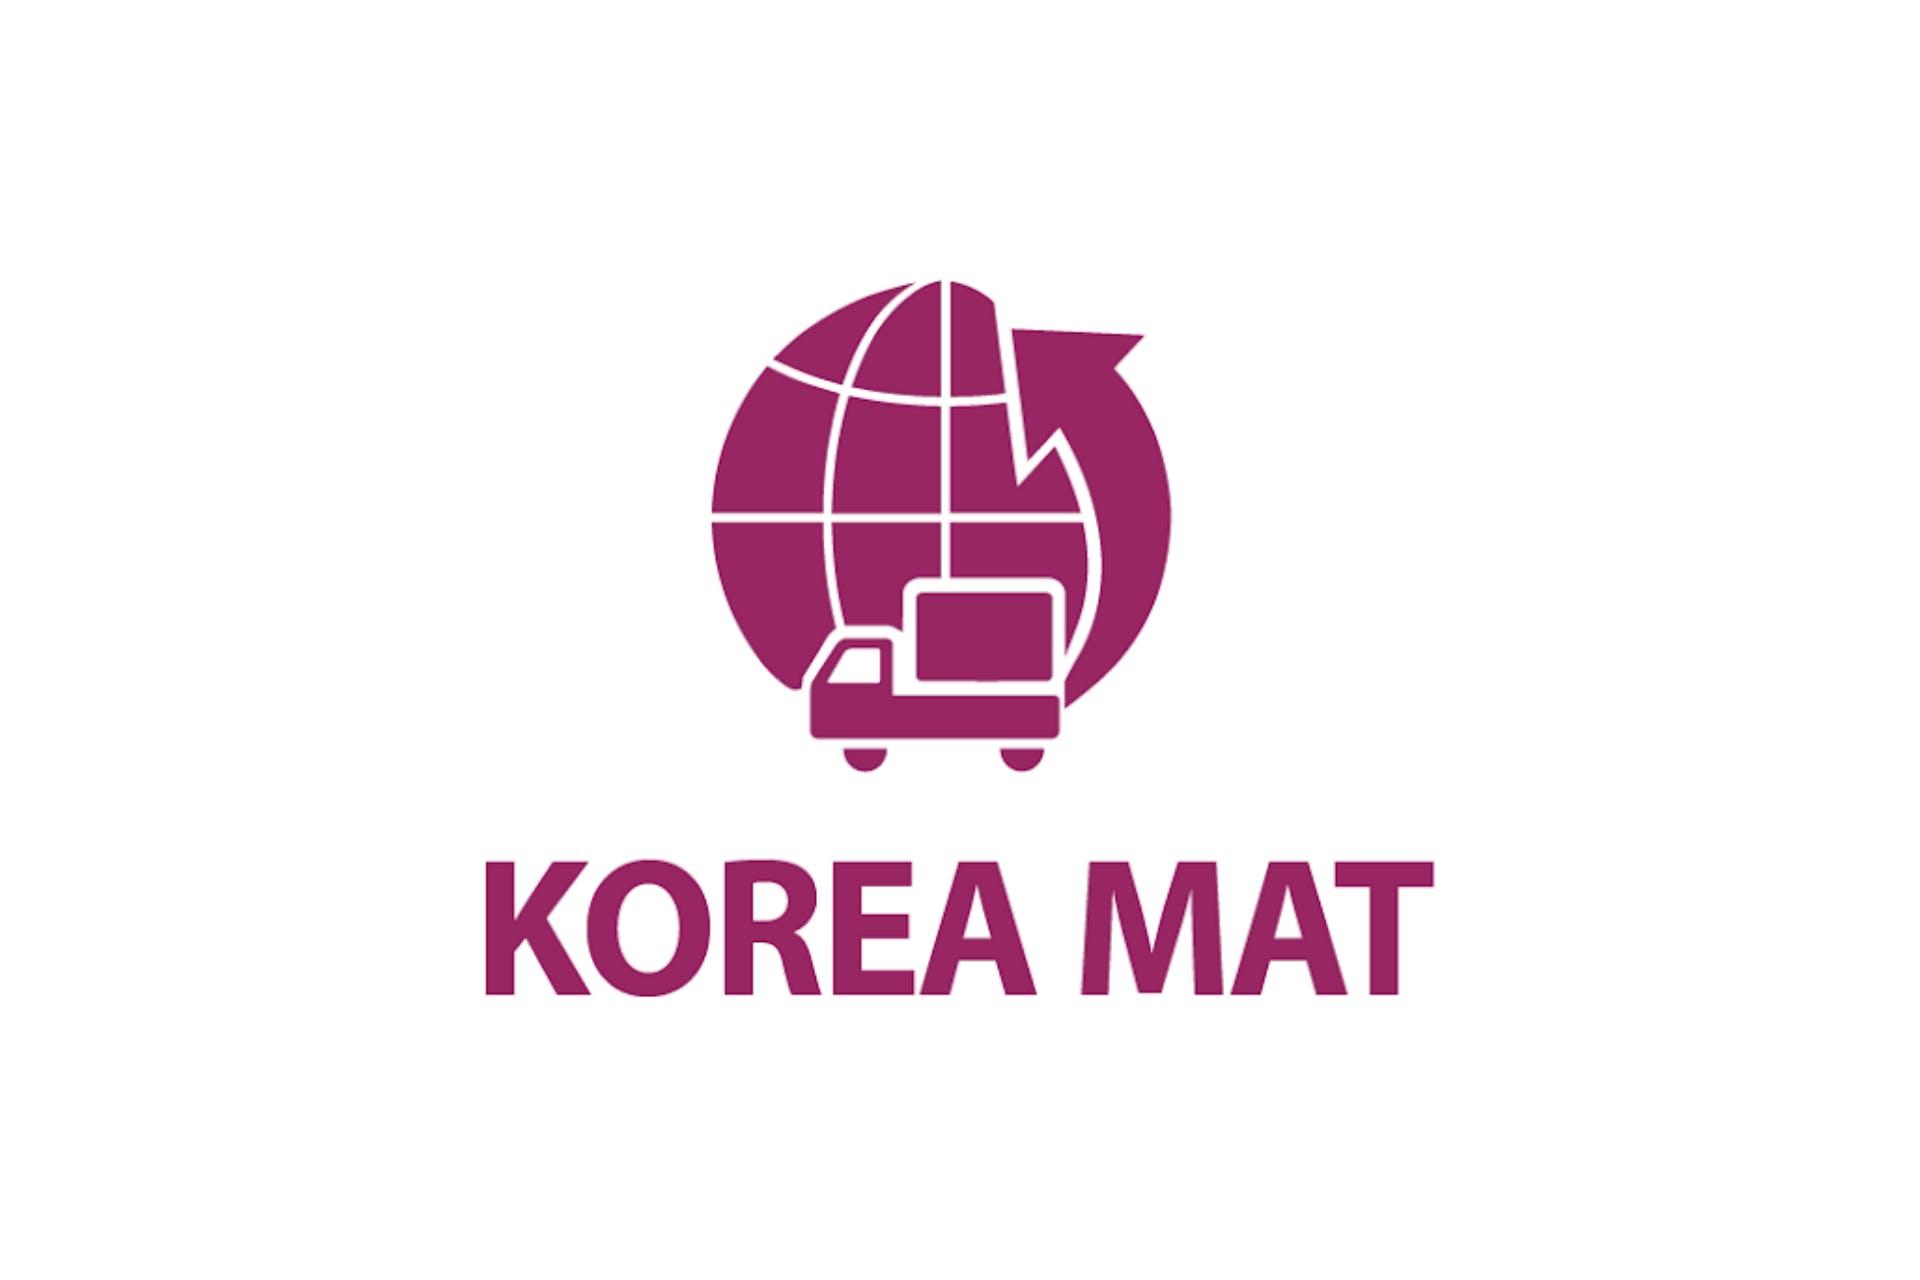 Koreamat - معرض كوريا الدولي لمناولة المواد واللوجستيات